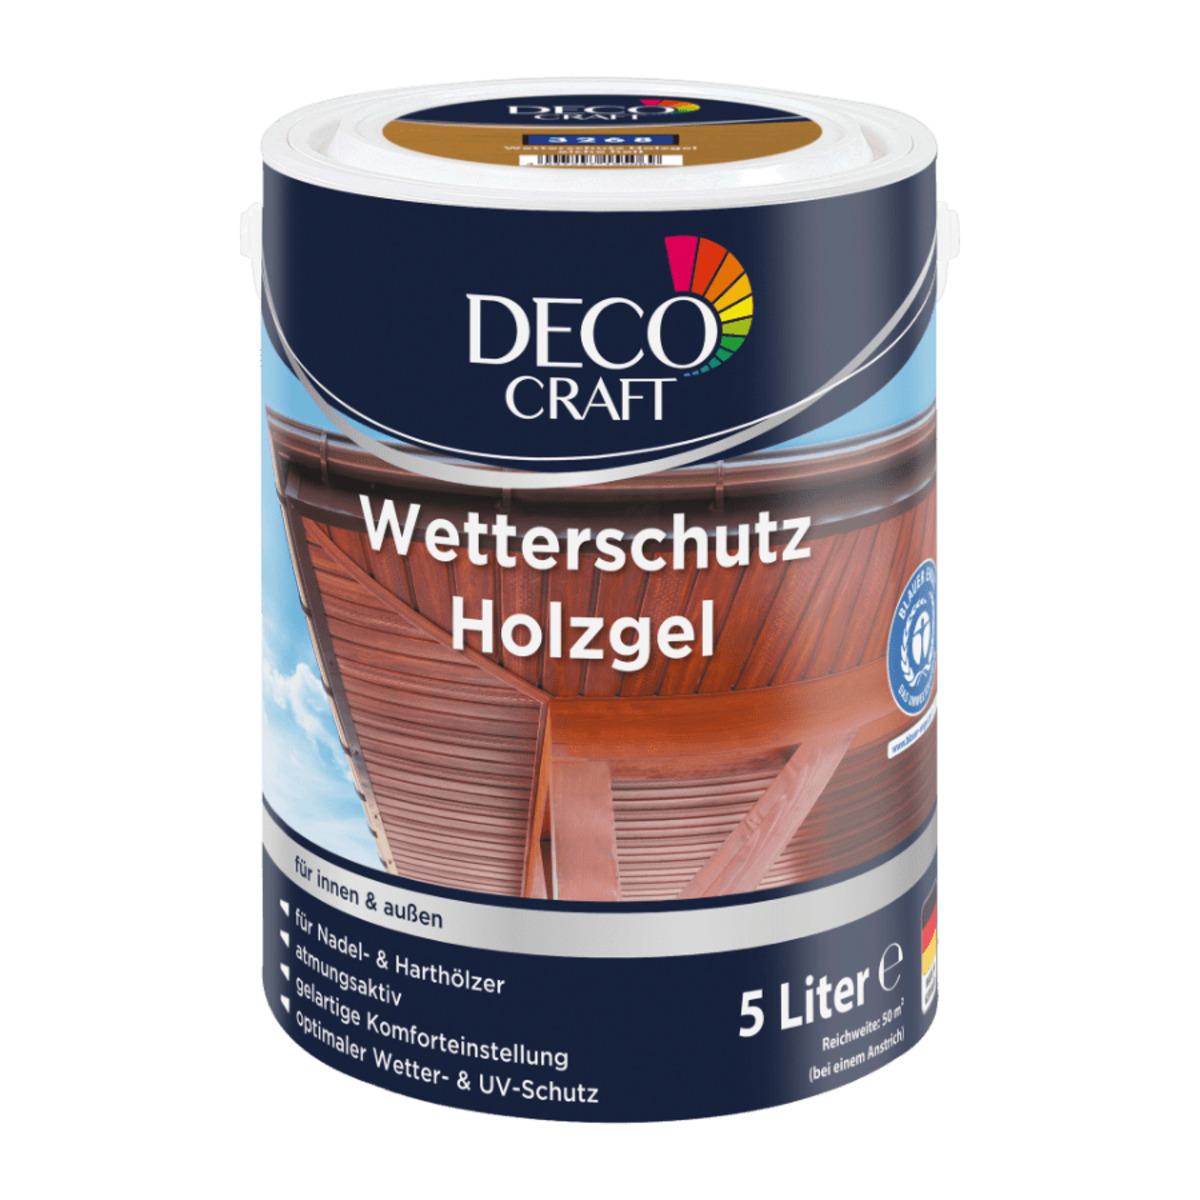 Bild 4 von DECO CRAFT     Wetterschutz Holzgel